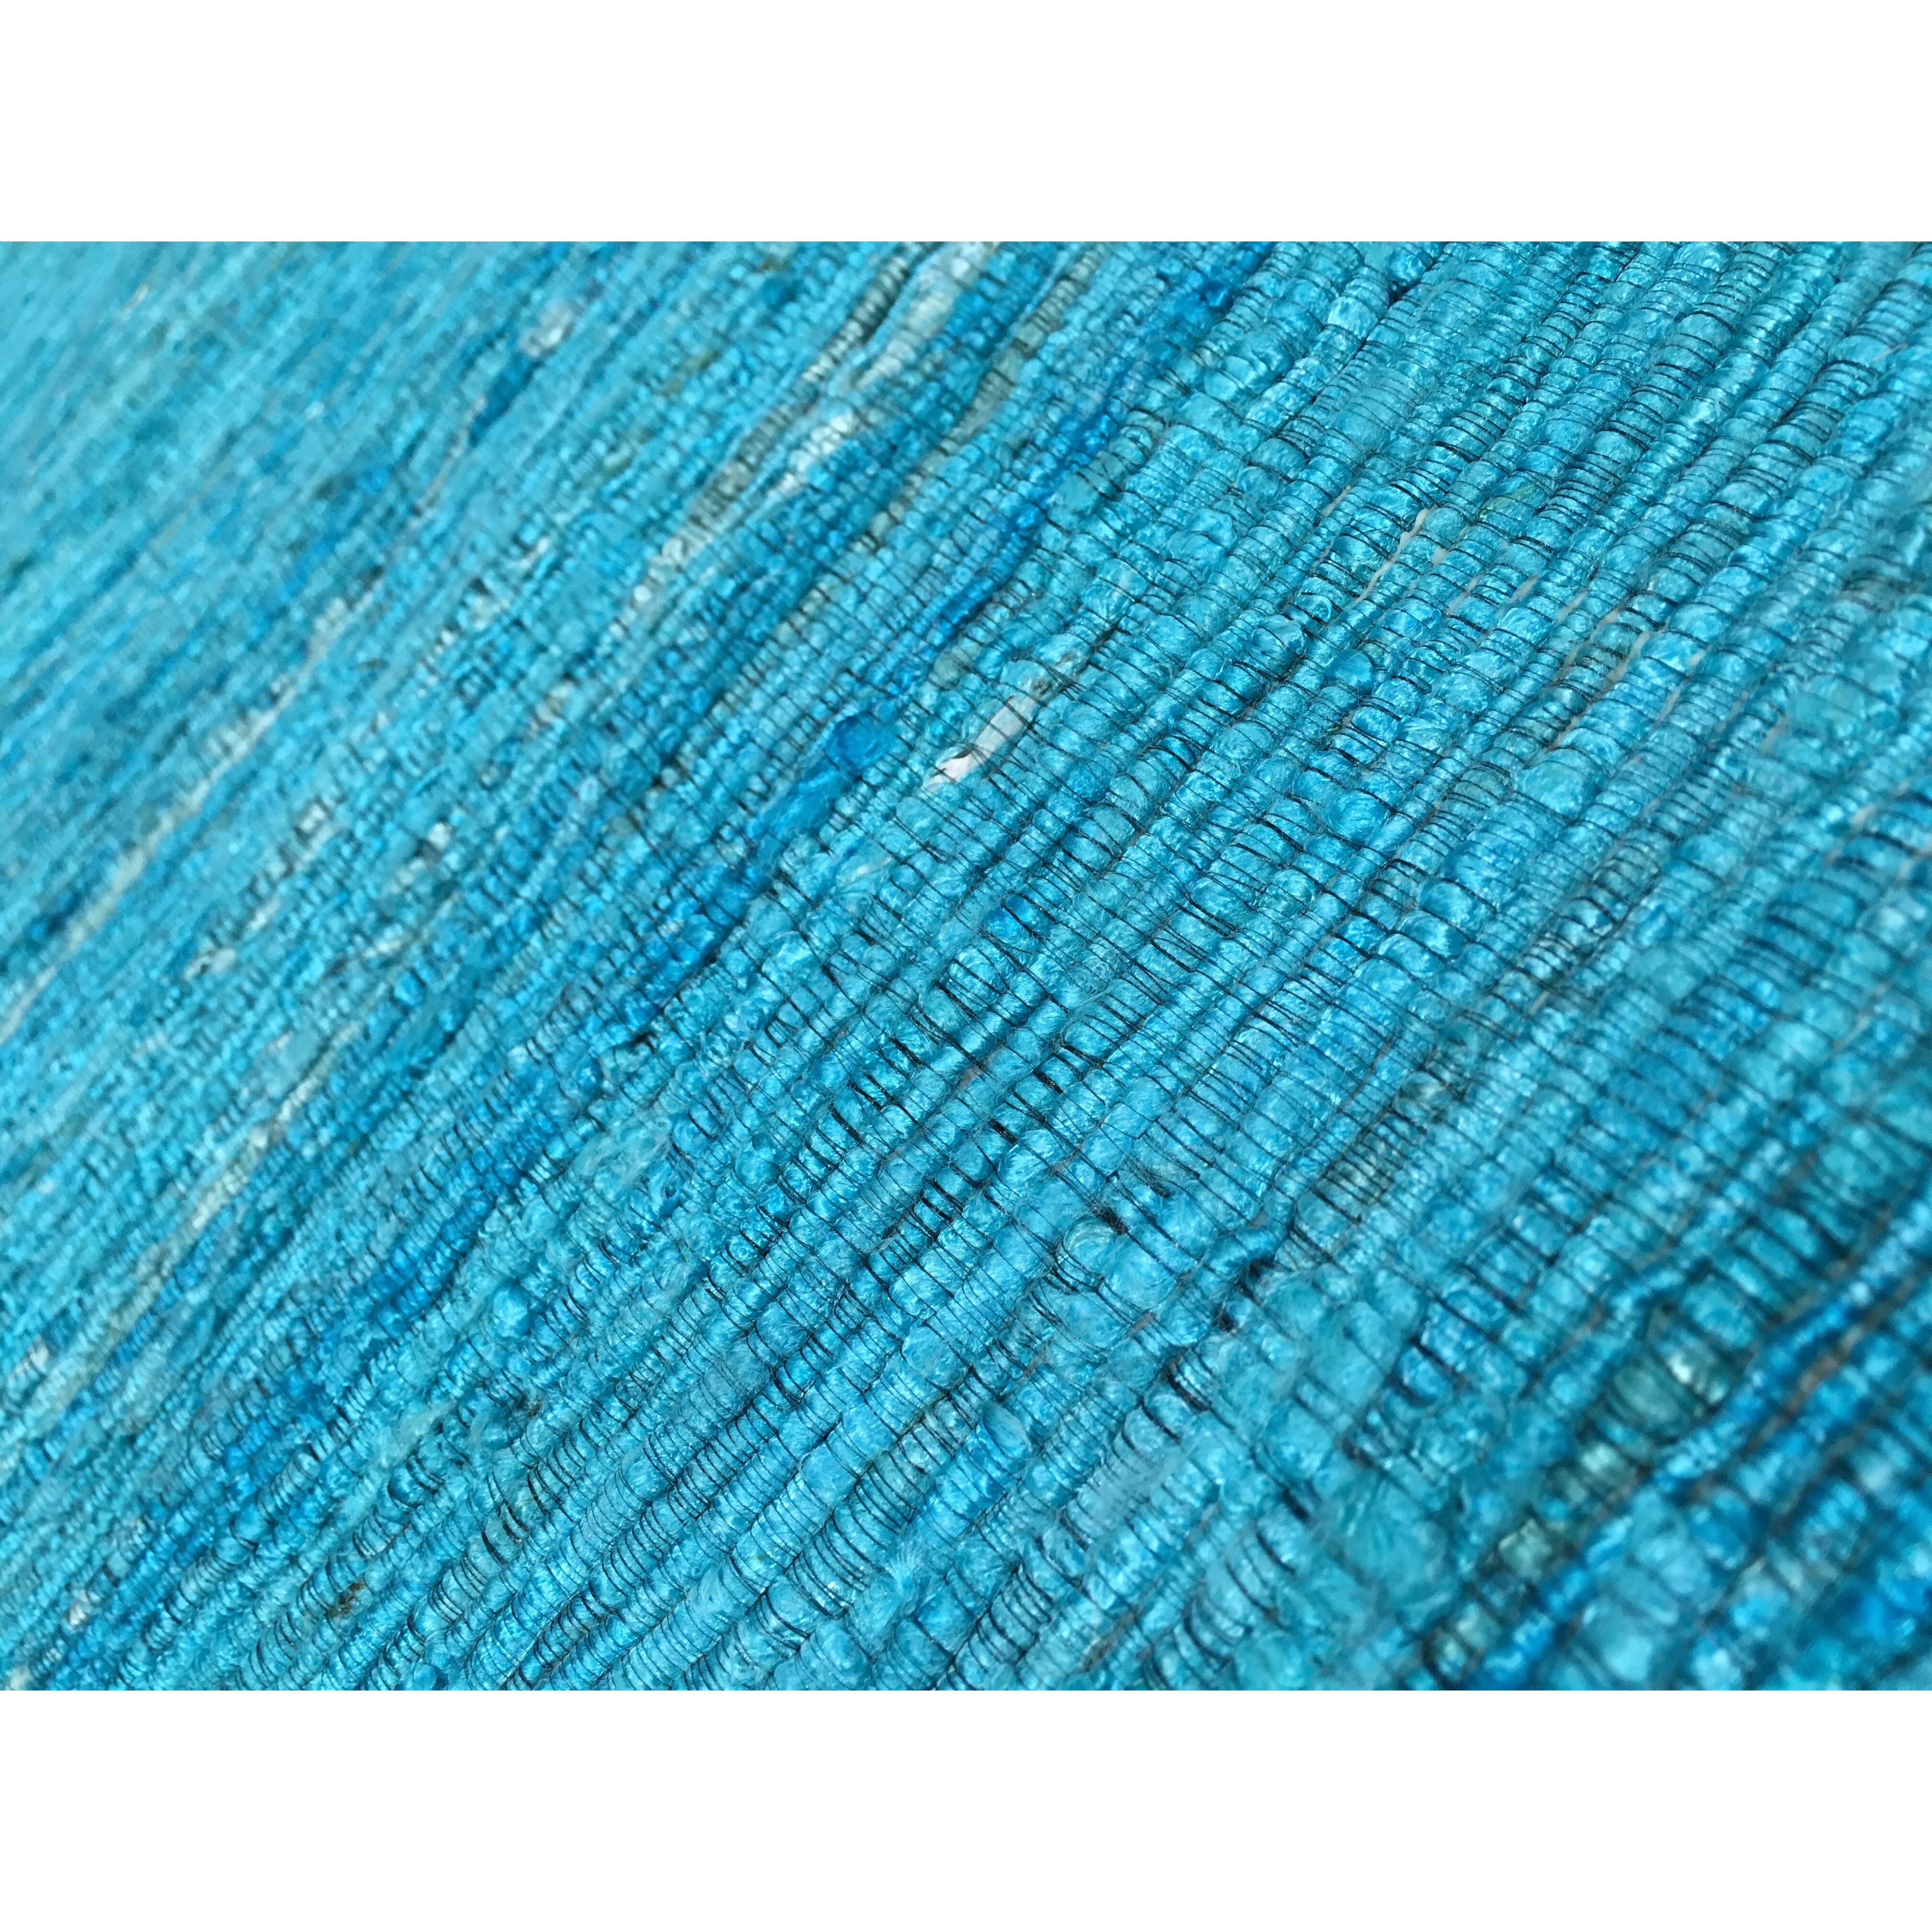 Zoubir Turquoise Area Rug Reviews: Pasargad Sari Silk Aqua Area Rug & Reviews